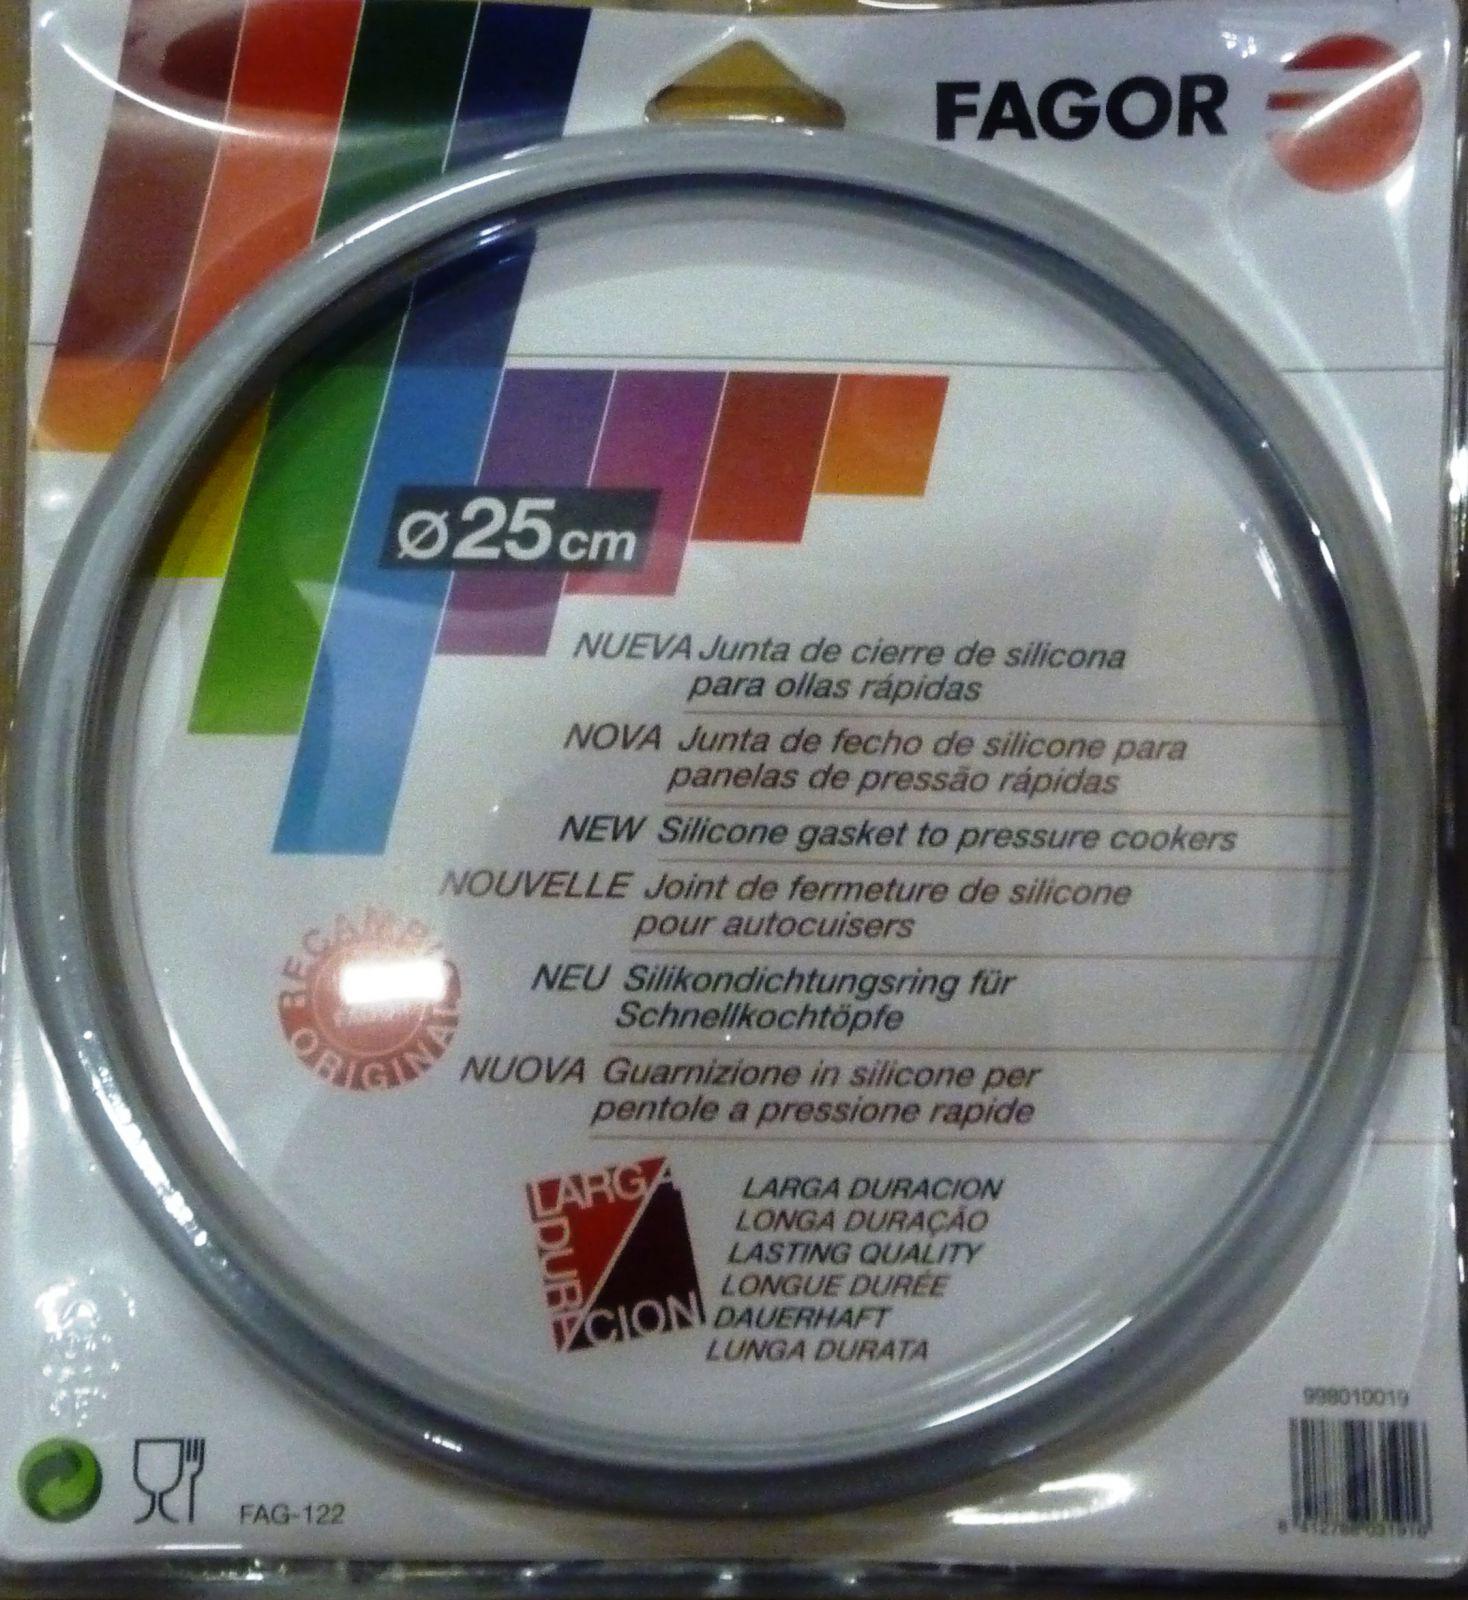 Těsnění pro tlakové hrnce FAGOR 8,0l a 10,0l - silikonové 25cm